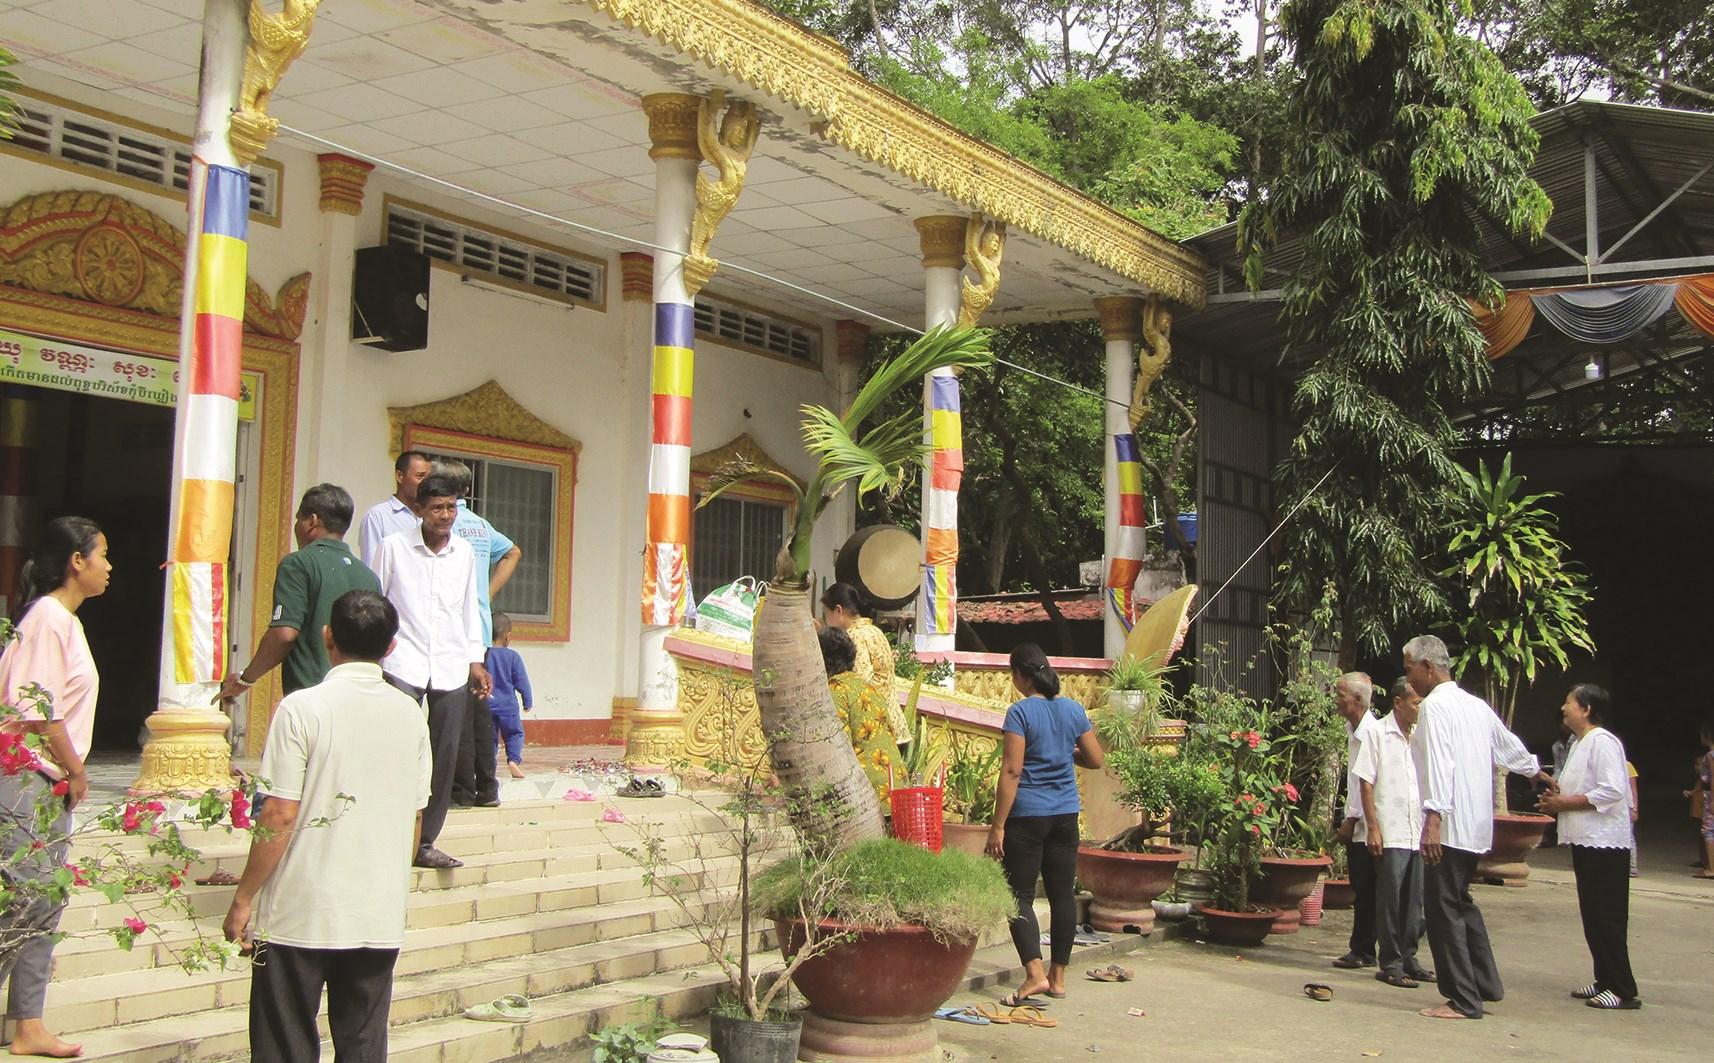 Bà con Khmer đến chùa Gò Xoài (xã Tân Mỹ, huyện Trà Ôn) dịp Lễ Sen Đolta năm nay.